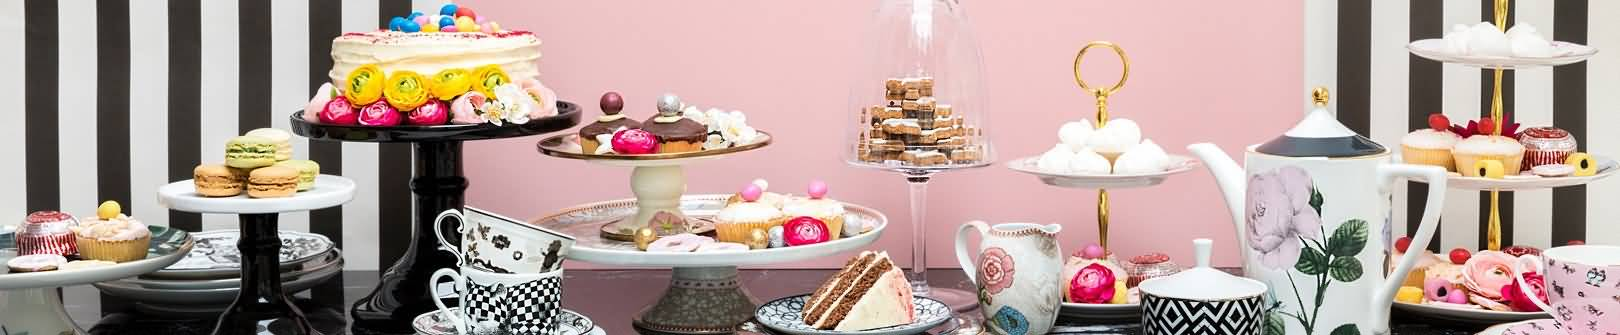 Soportes de pastel